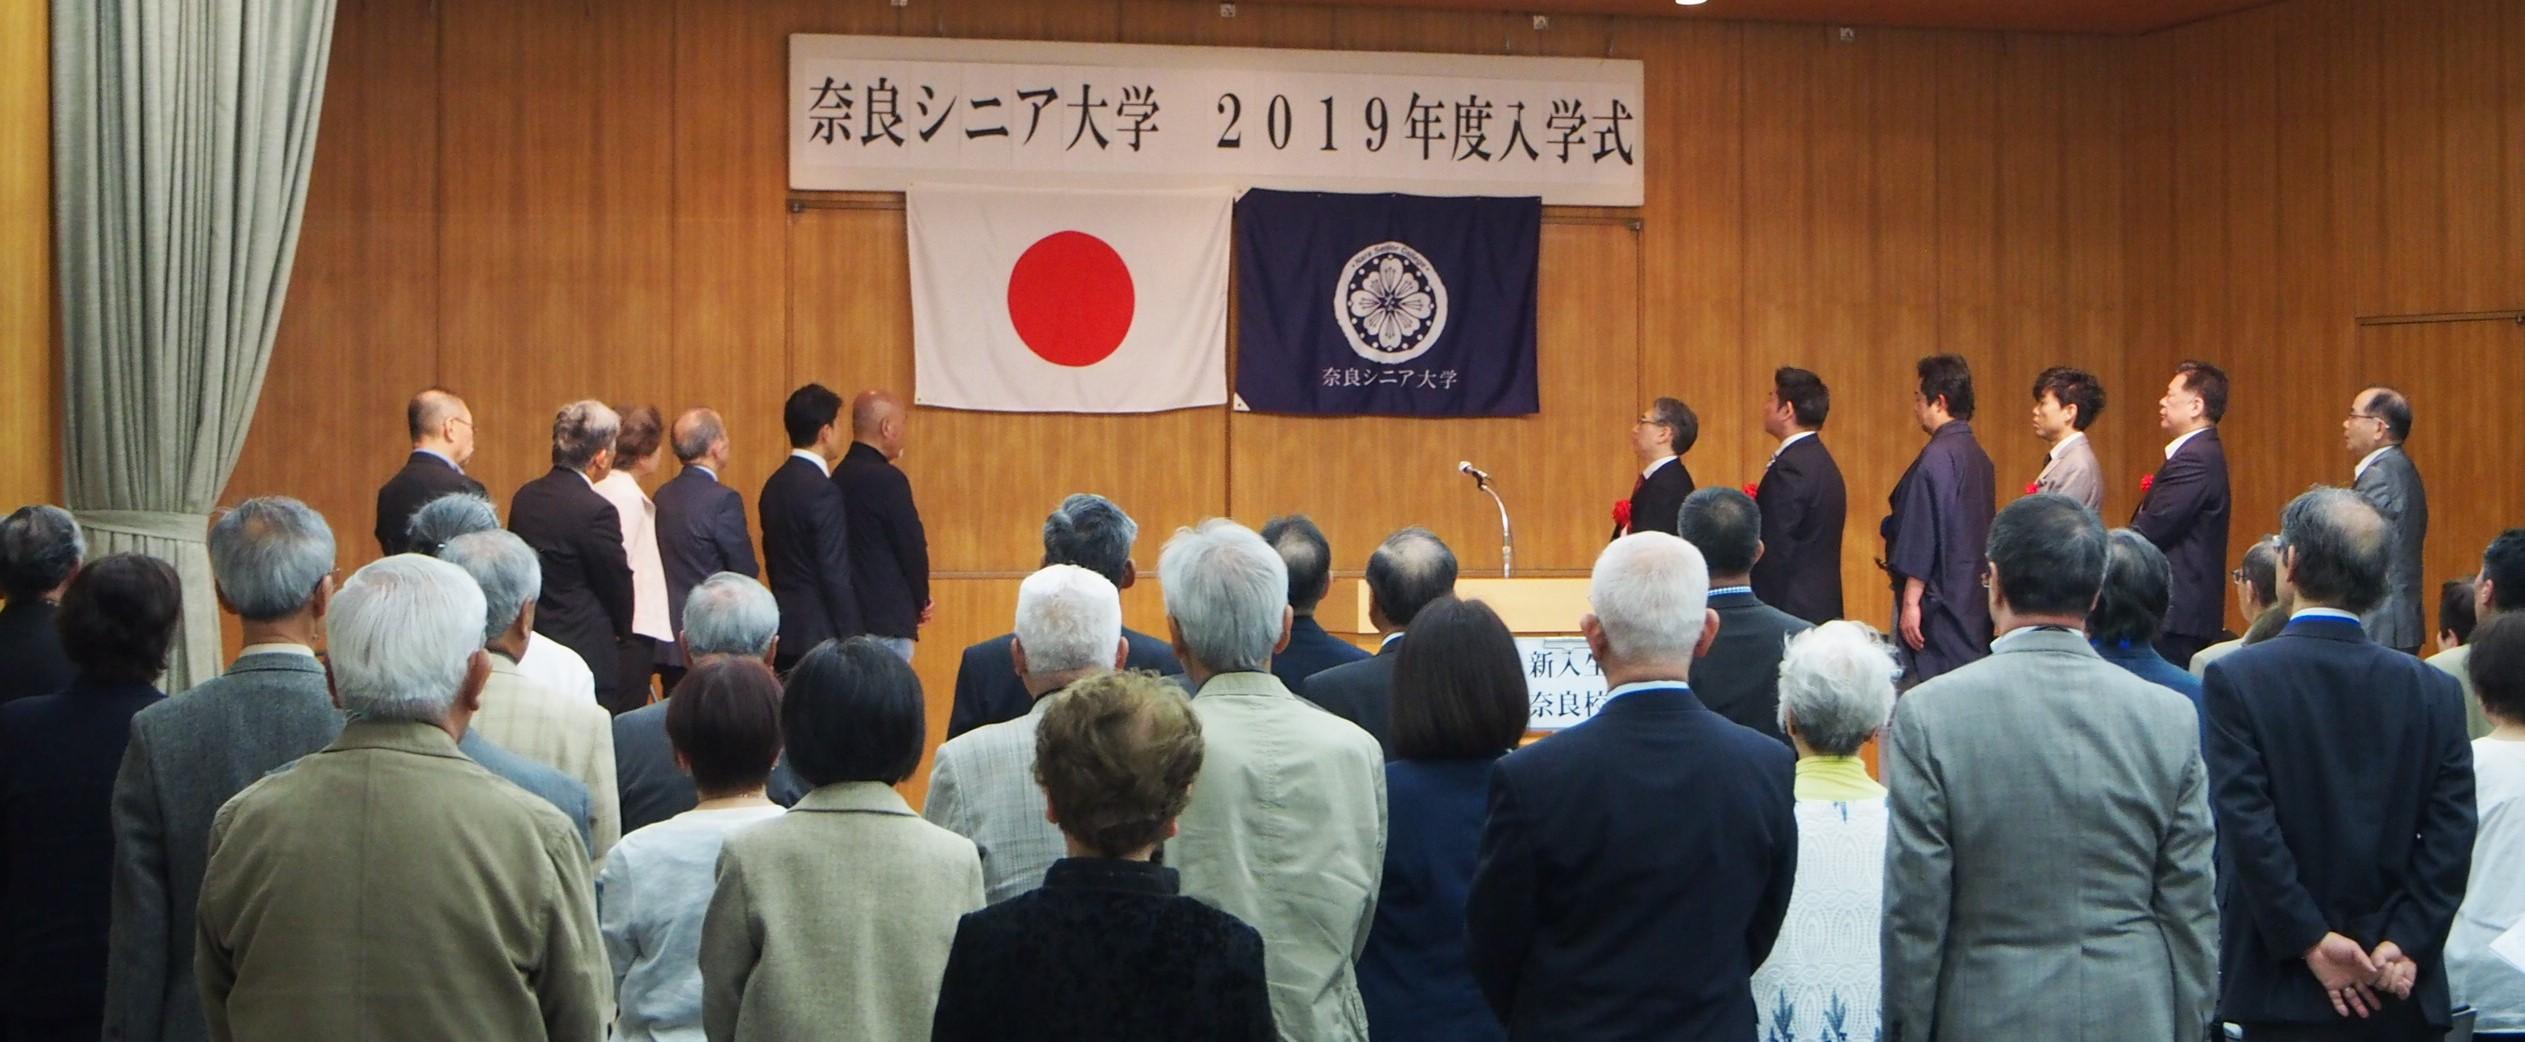 奈良シニア大学トップページ